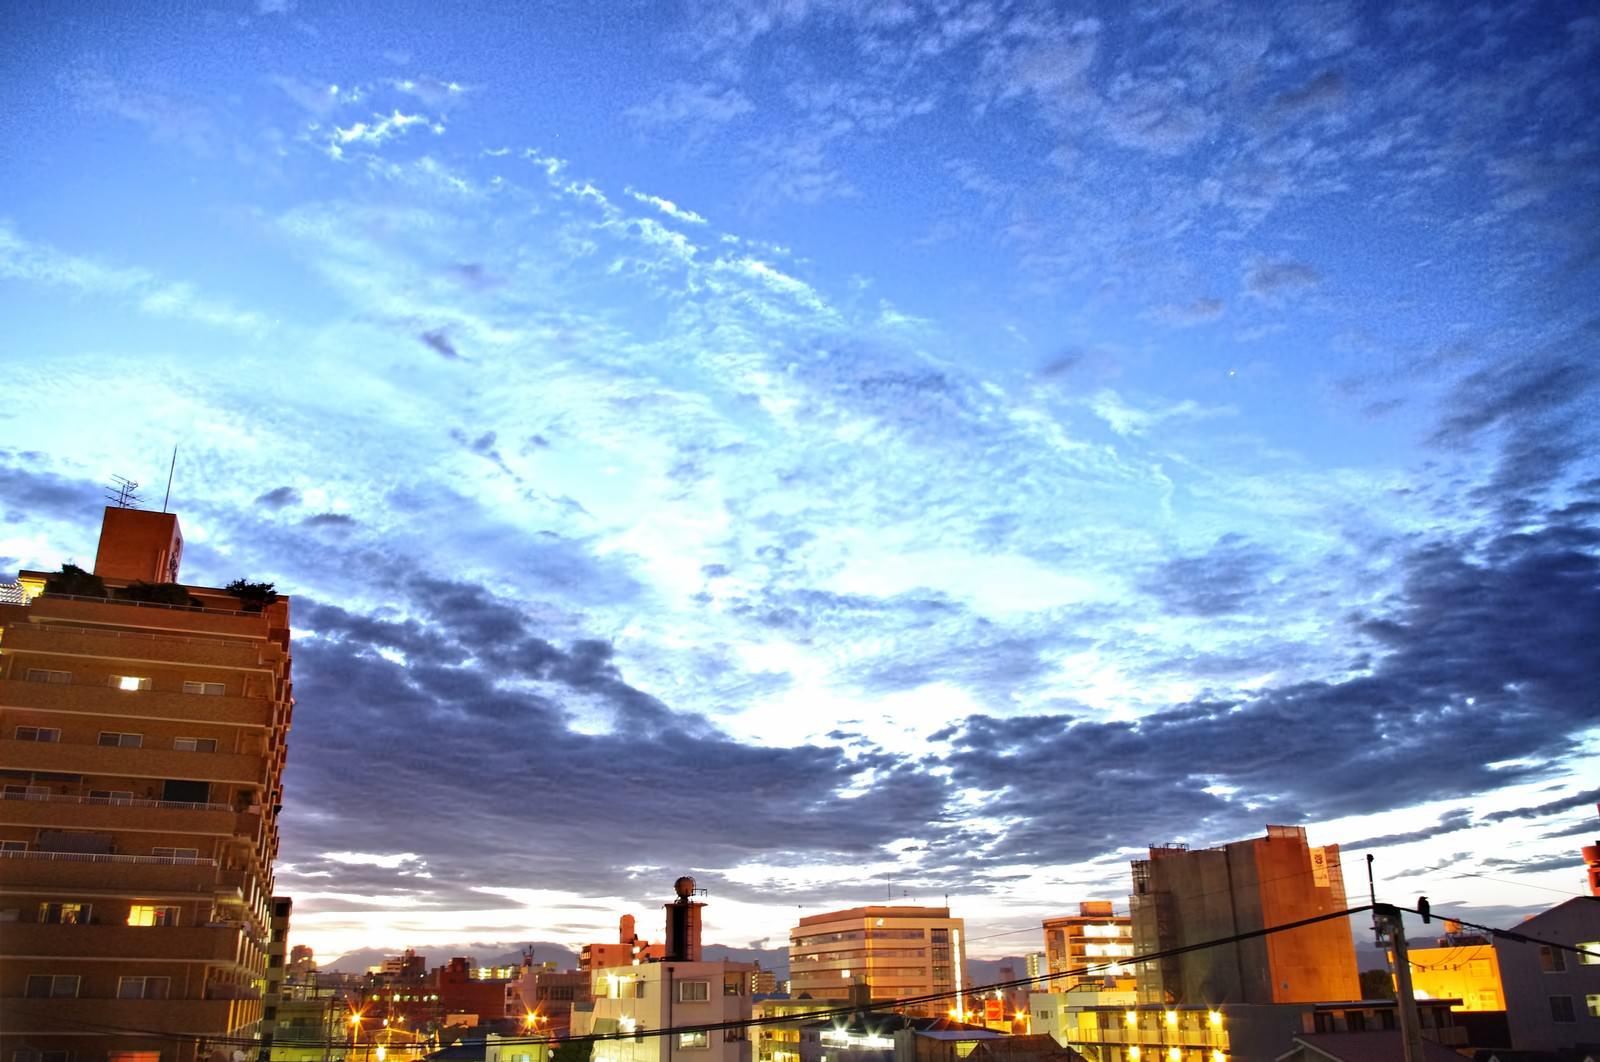 「日が沈む前の街並み日が沈む前の街並み」のフリー写真素材を拡大